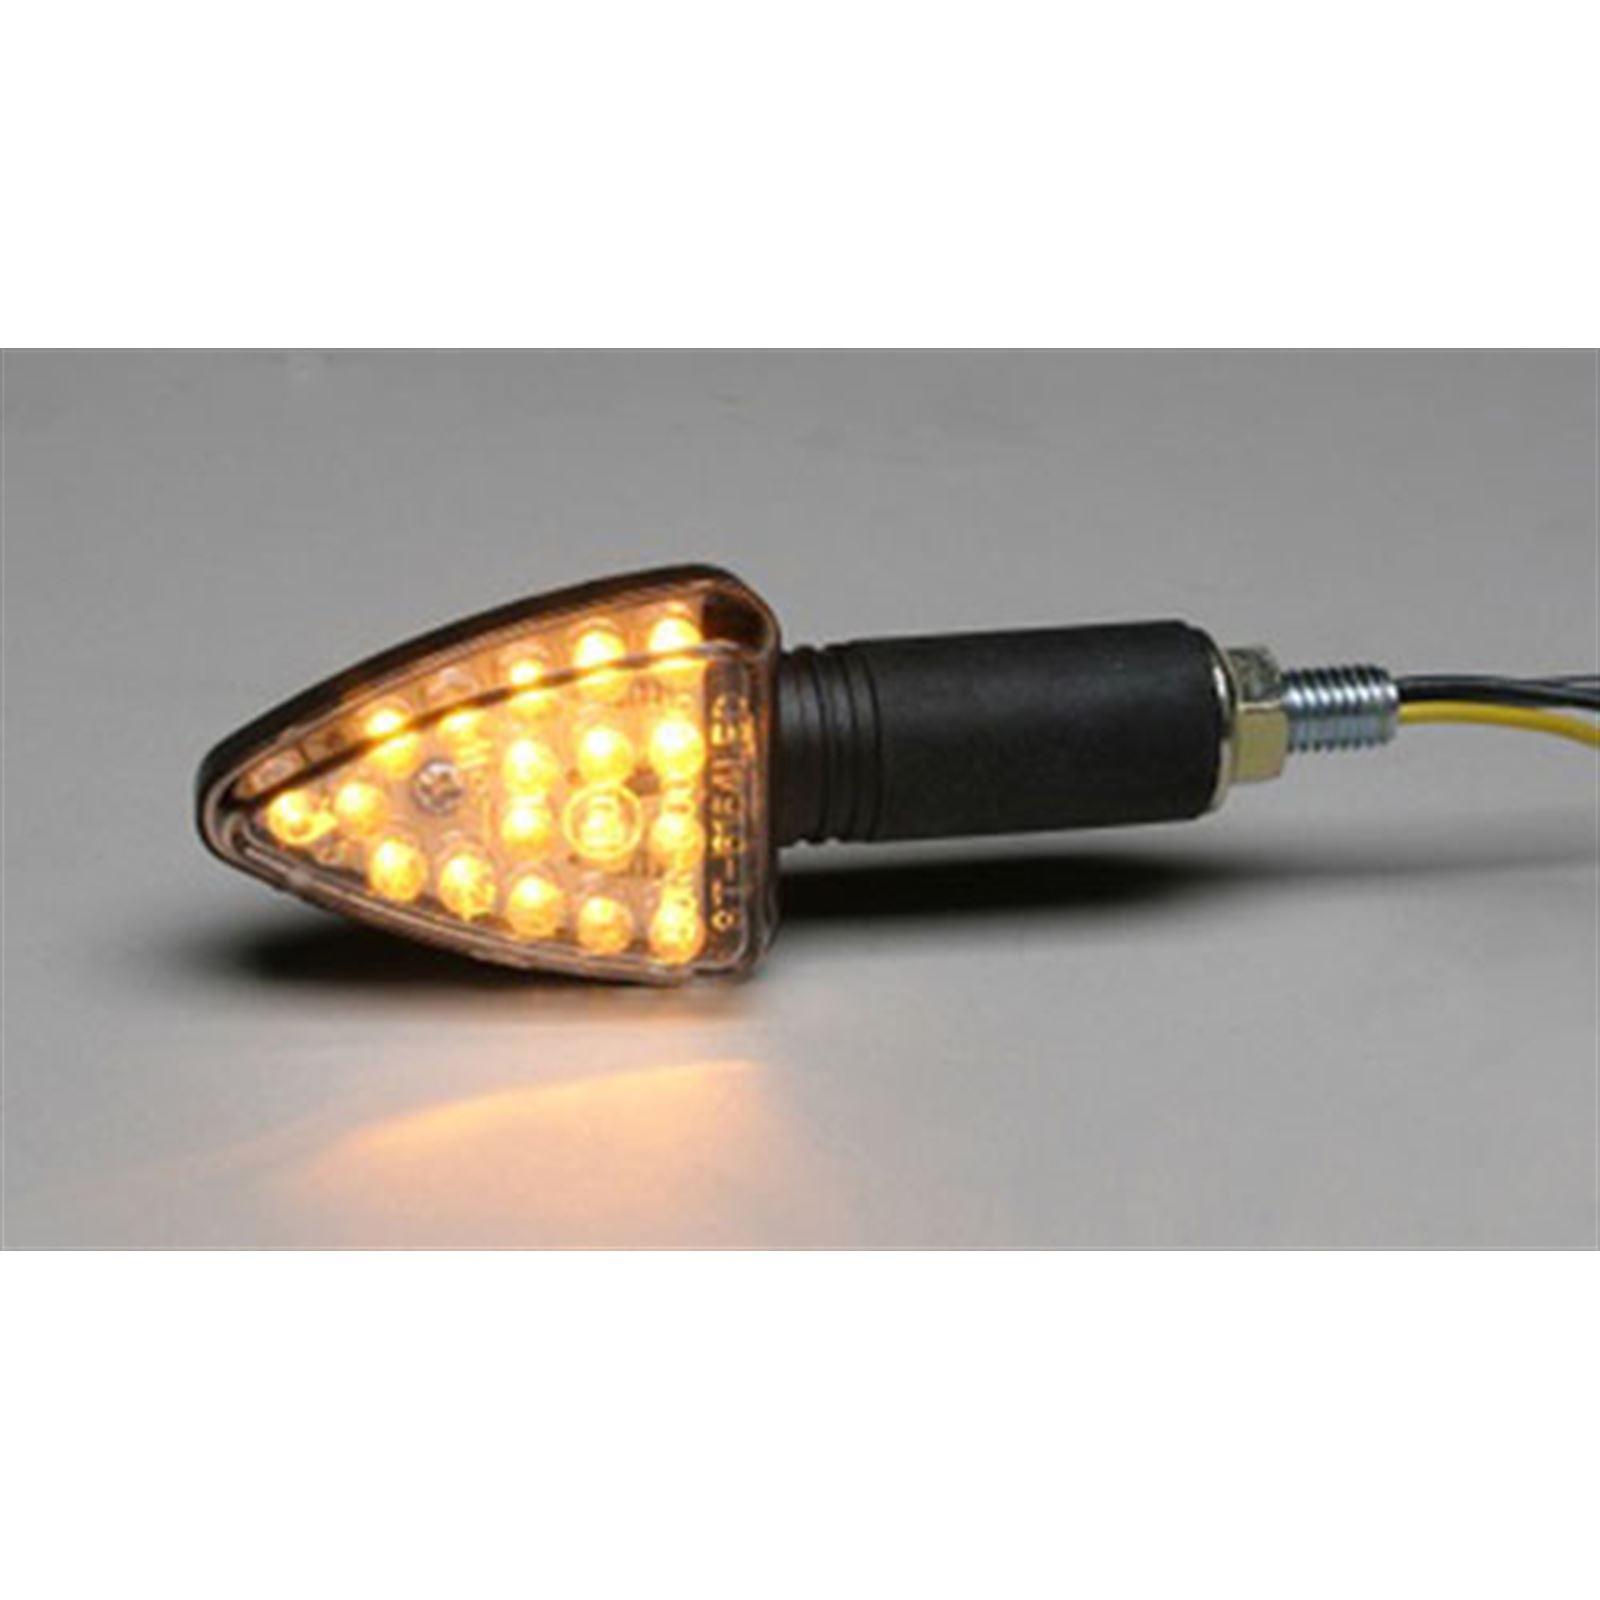 K S LED Arrow Marker Light - Long Stem